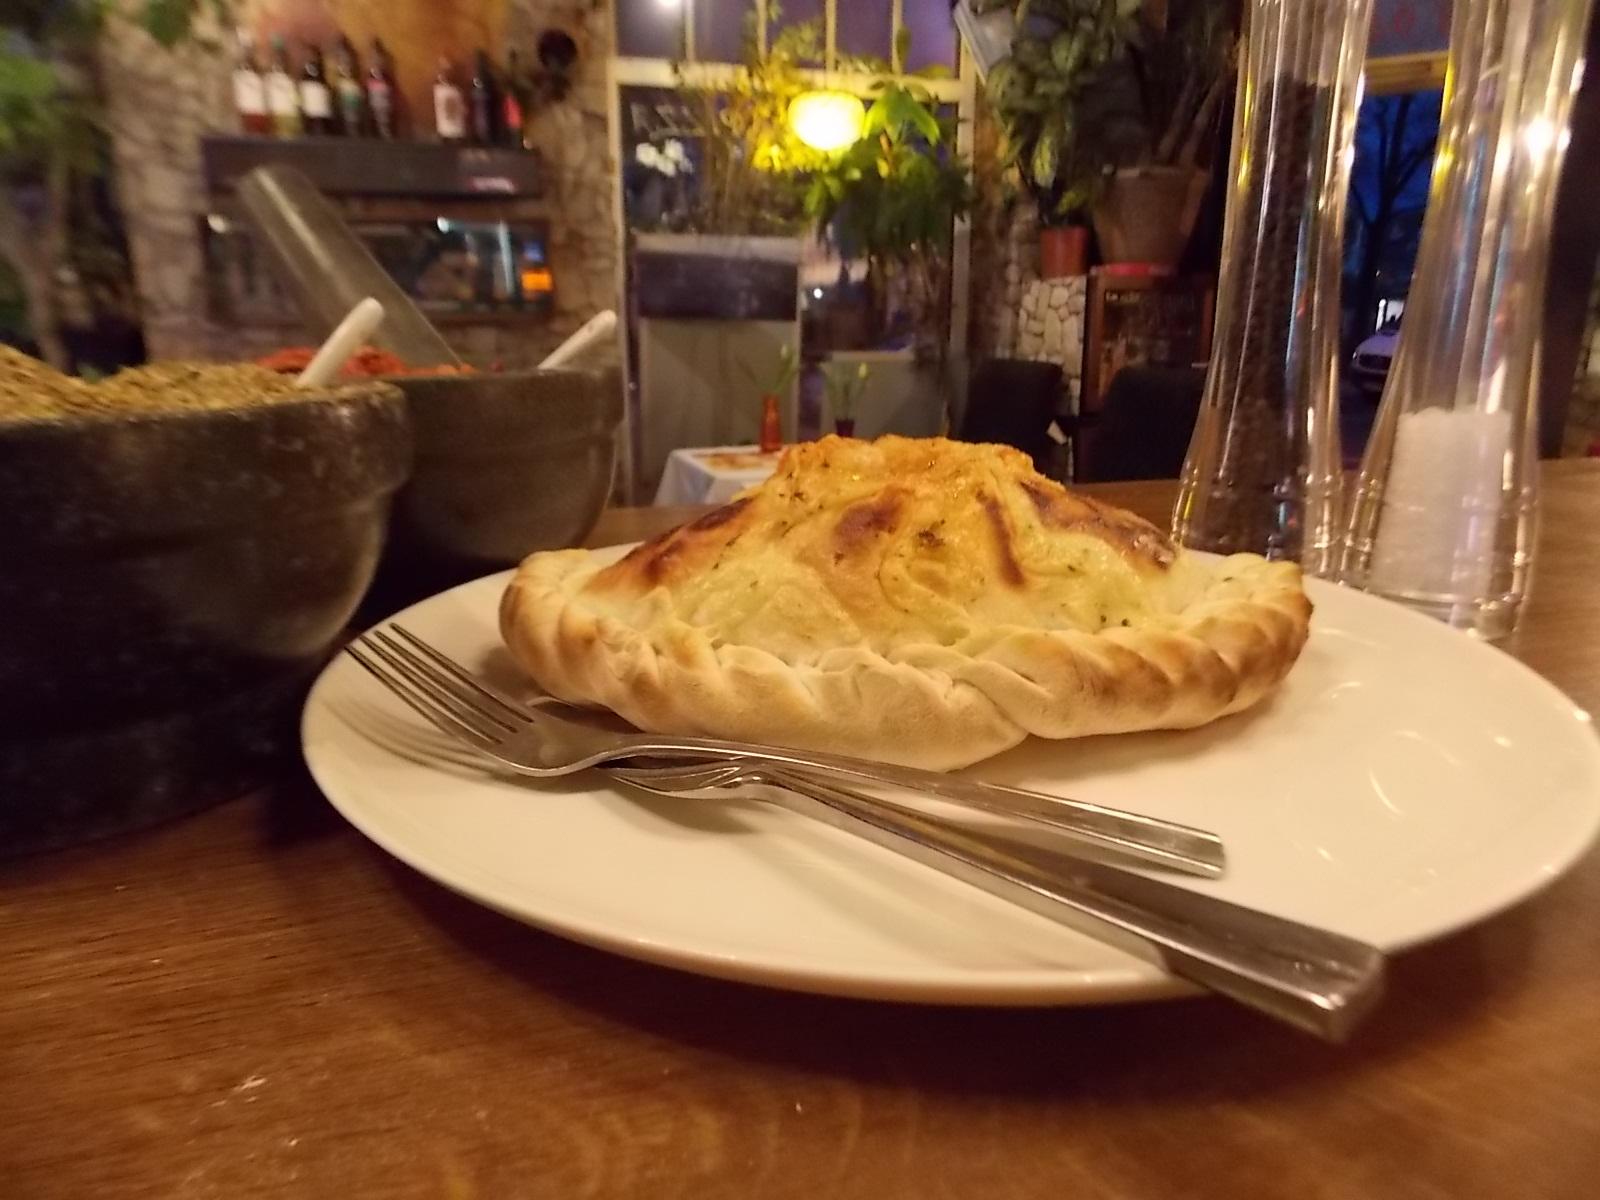 Pizza Calzone ist eine italienische gefüllte Pizza   Der herzhafte Pizza-Calzone Gebacken im Original Vulcano Steinofen und gefüllt mit herzhaften Zutaten.  Die große Sortenvielfalt bietet echte Genussmomente für jeden Geschmack. Bestimmt finden auch Sie hier Ihren Favoriten!